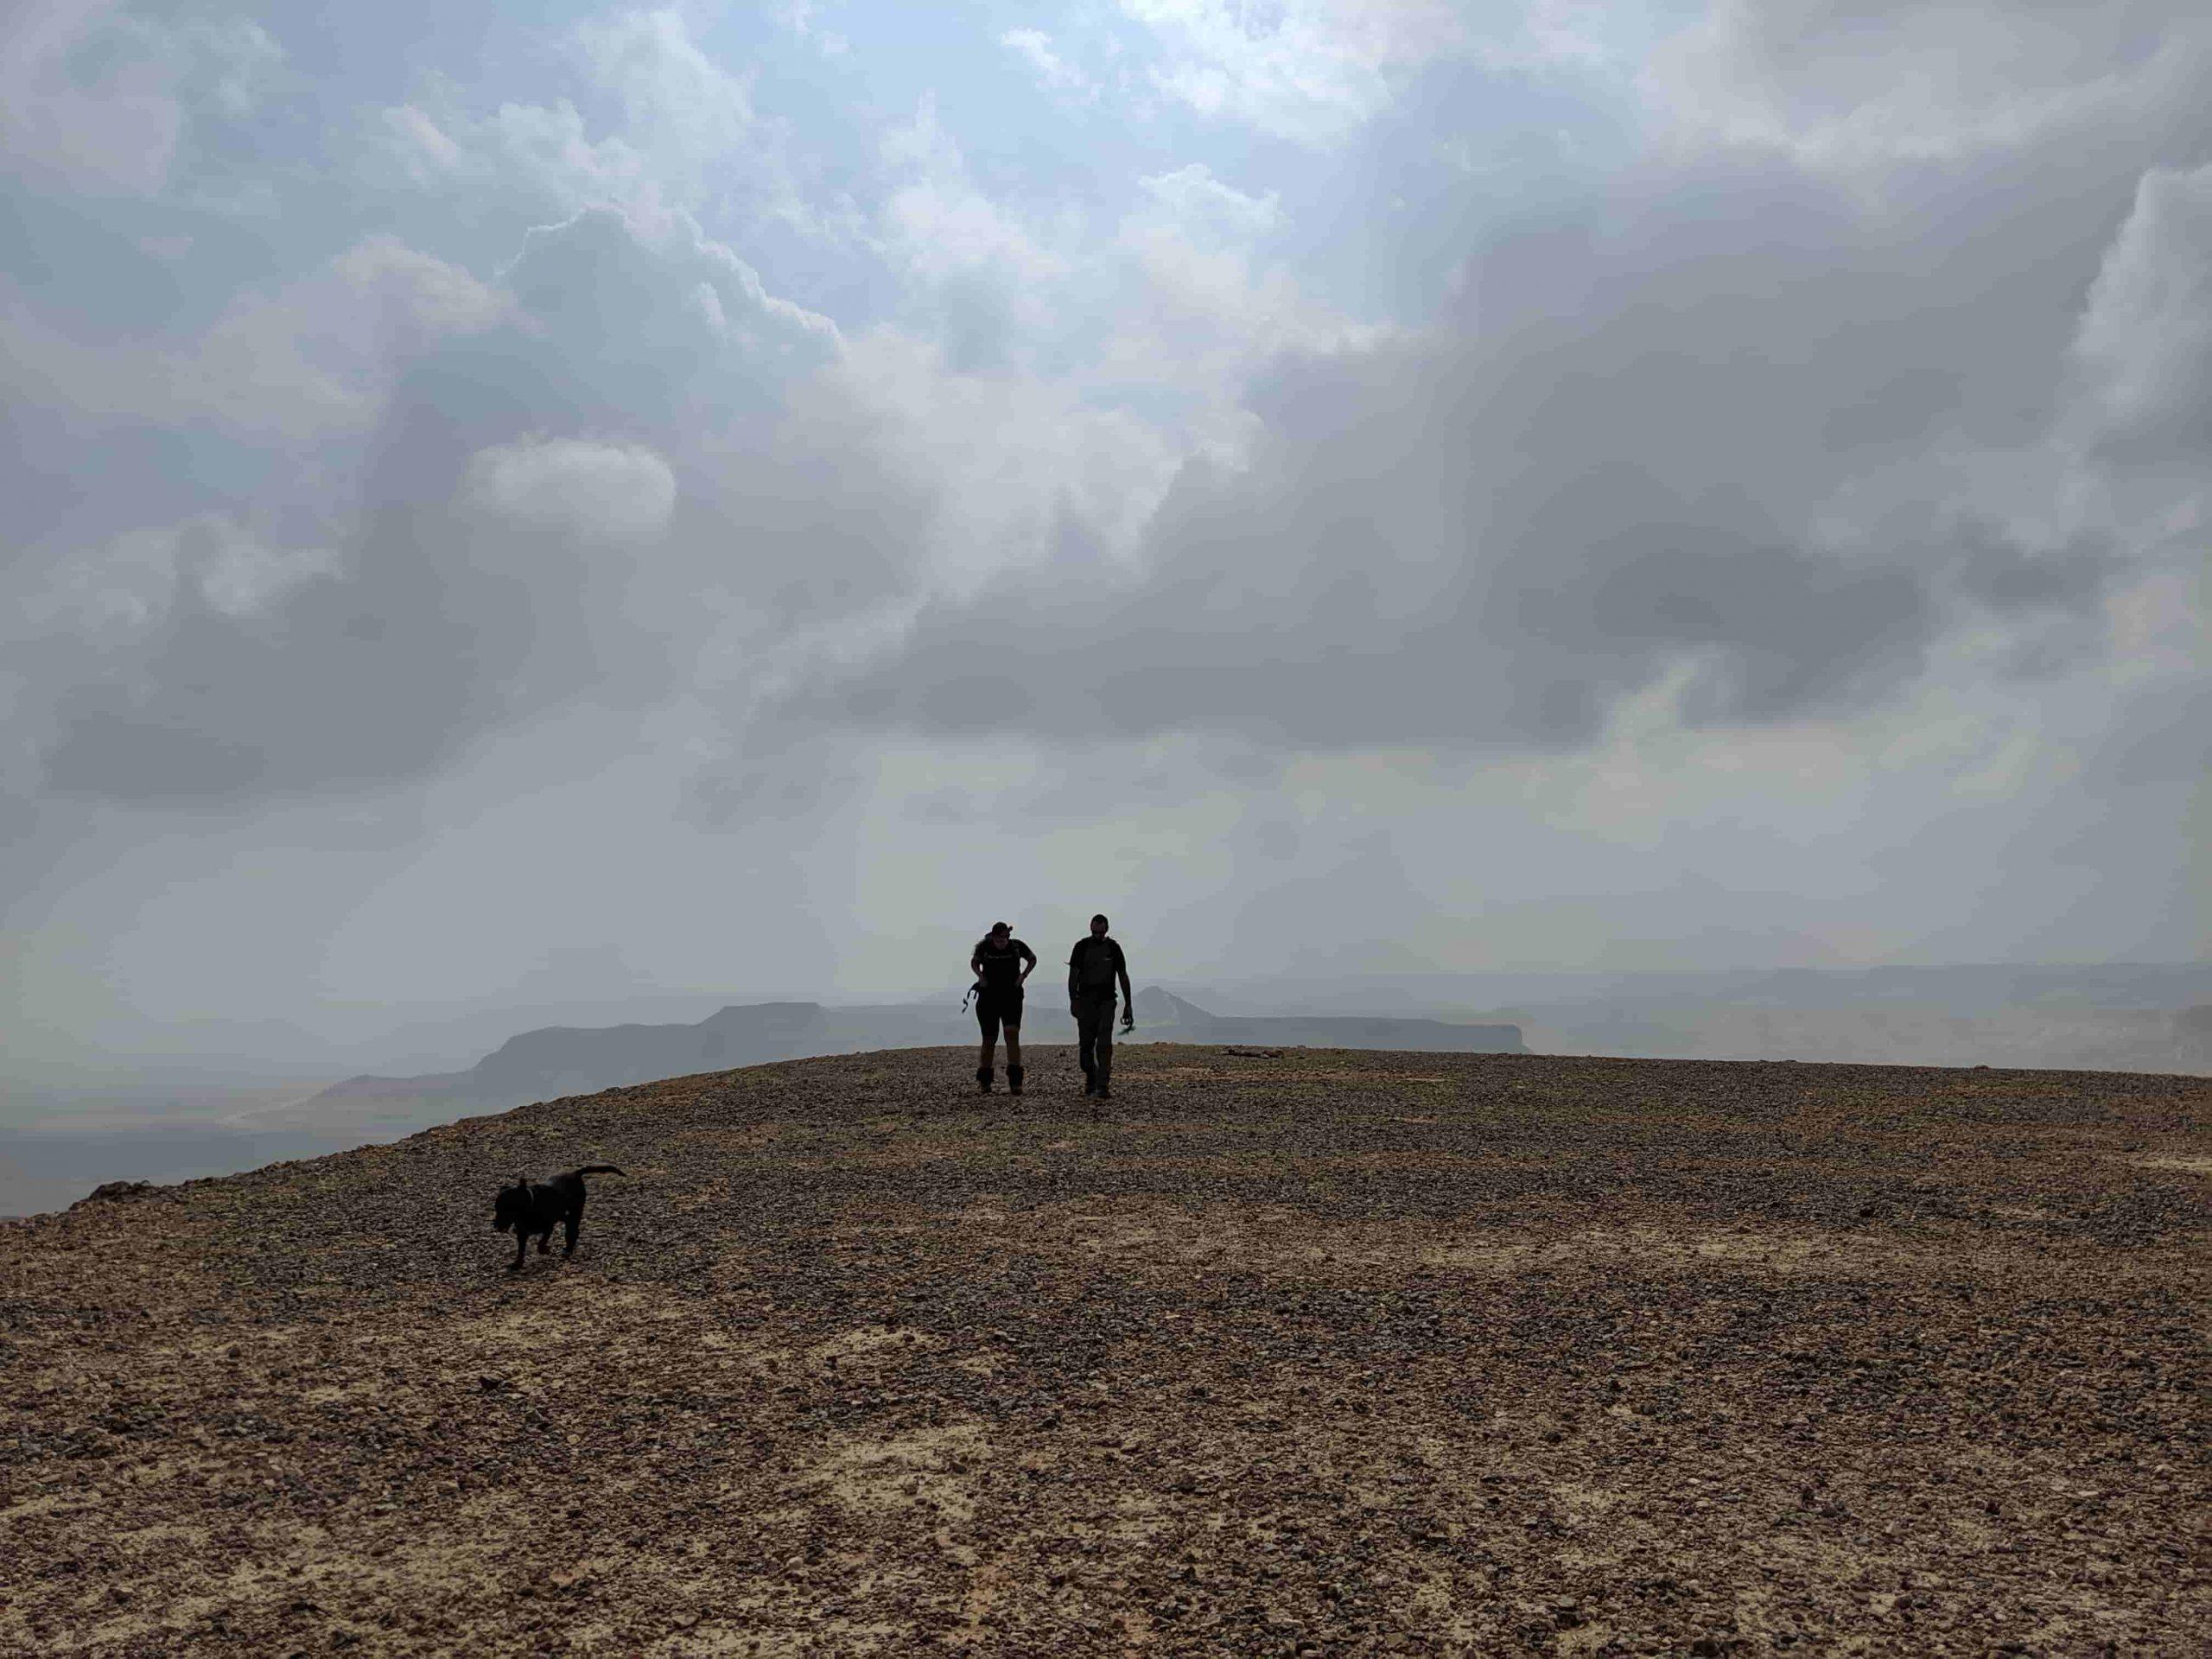 הליכה על הר צרור לחלקו הדרומי לארוחת בוקר.